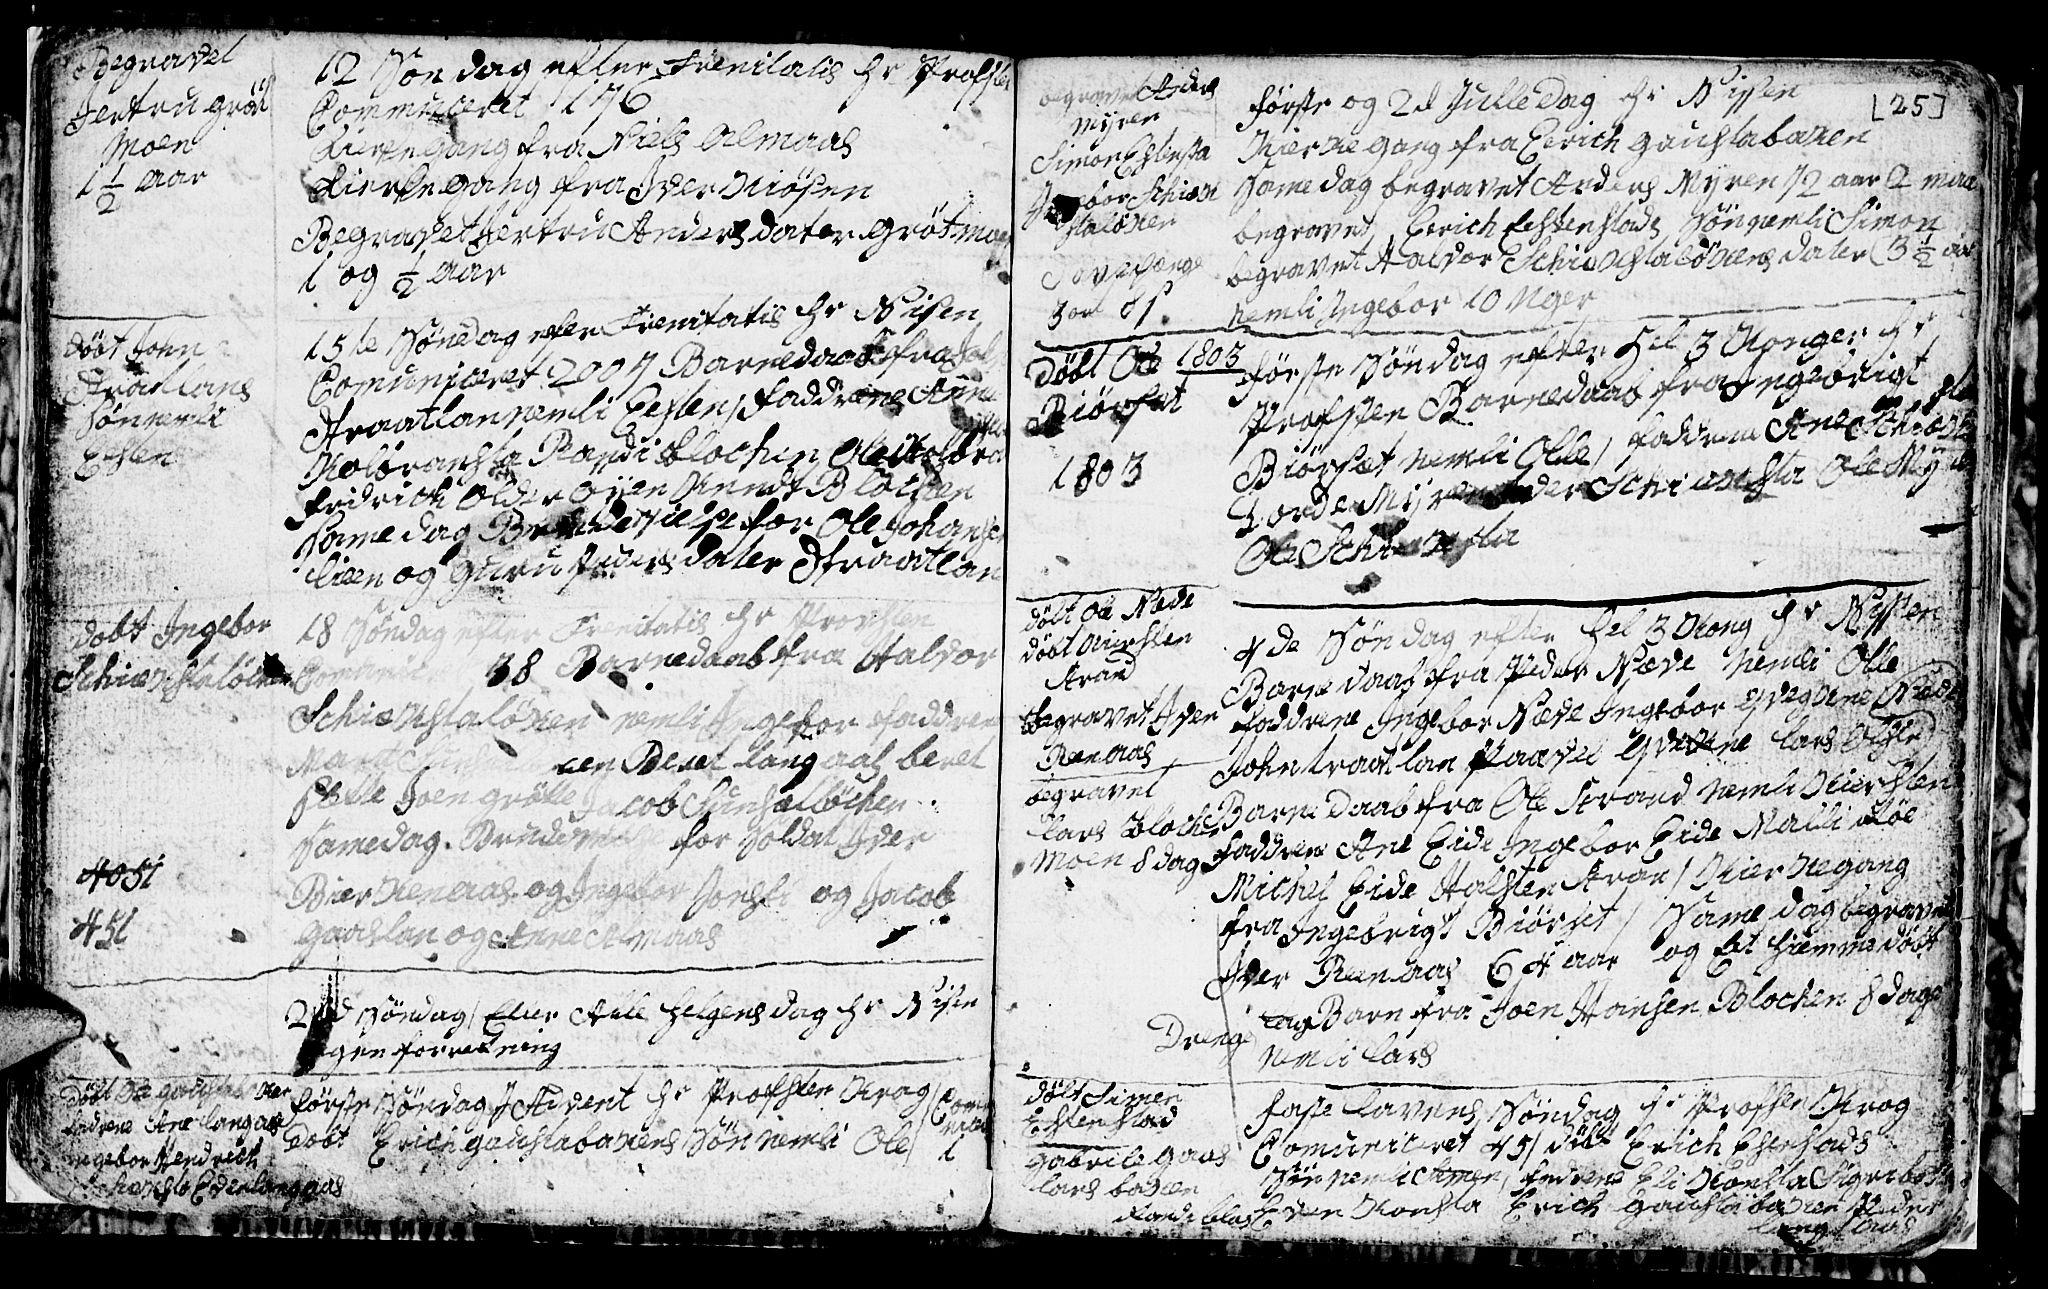 SAT, Ministerialprotokoller, klokkerbøker og fødselsregistre - Sør-Trøndelag, 694/L1129: Klokkerbok nr. 694C01, 1793-1815, s. 25